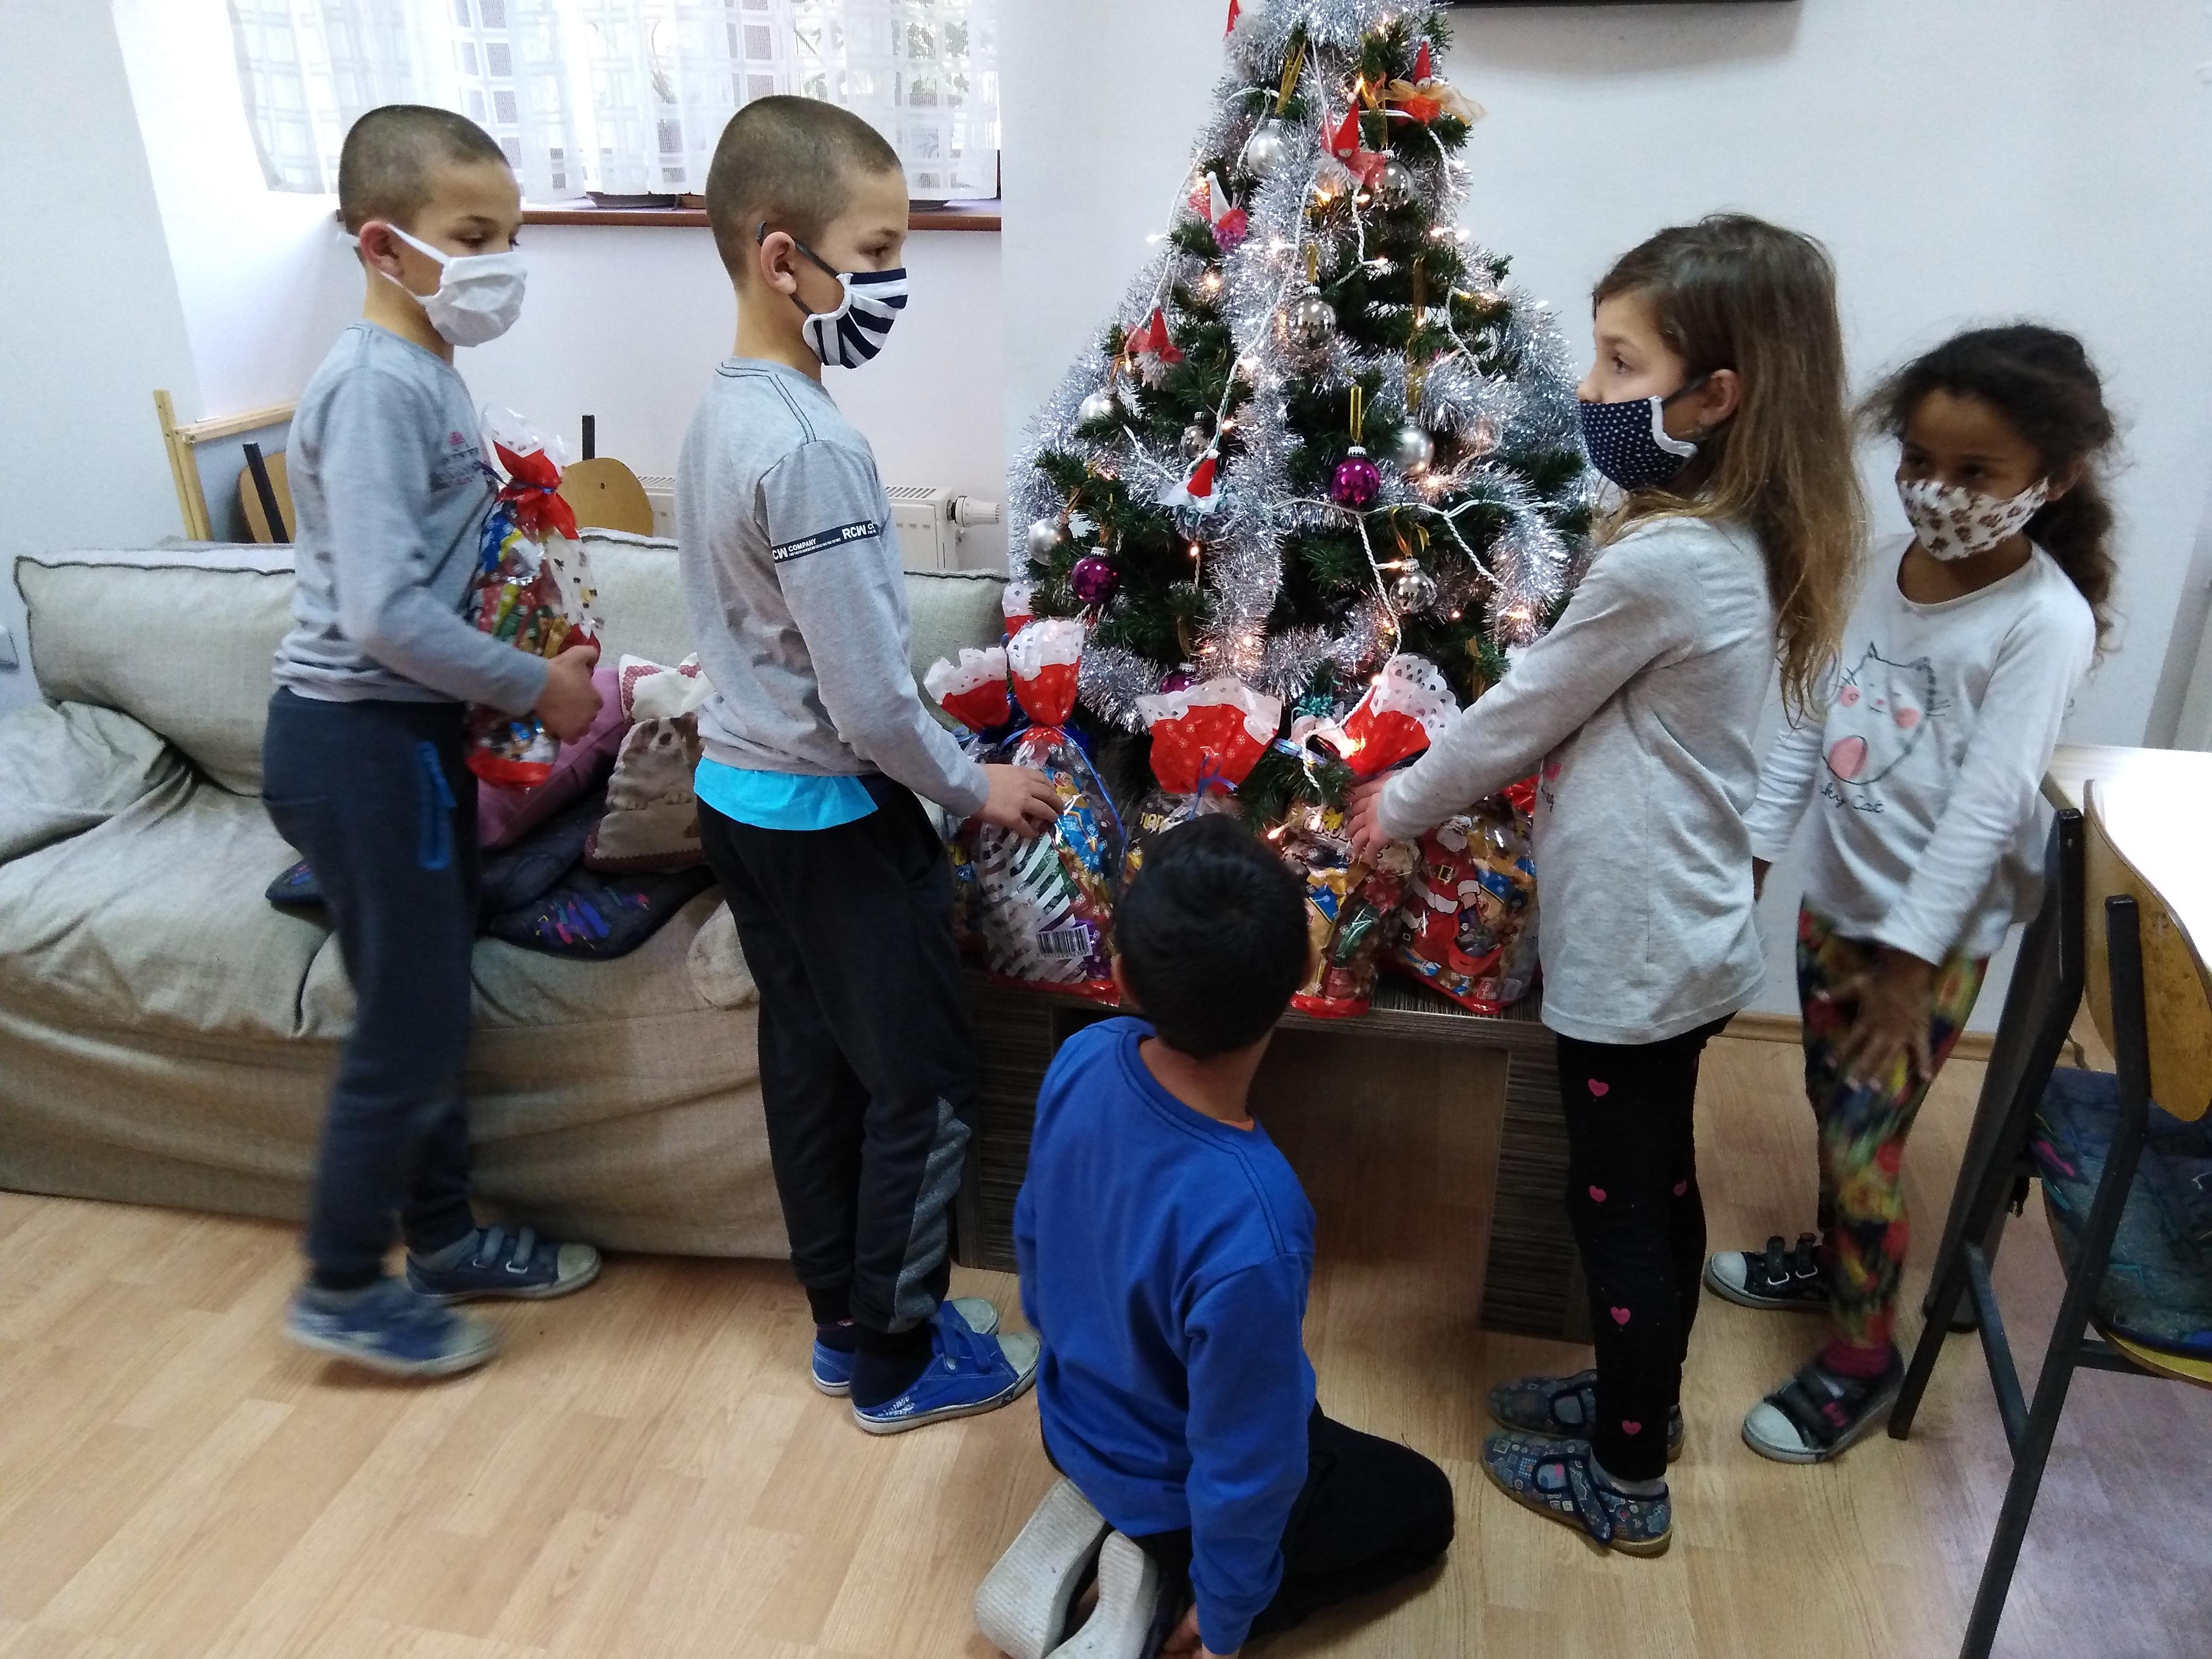 Darivanje korisnika povodom Svetog Nikole - korisnici i pokloni ispod bora